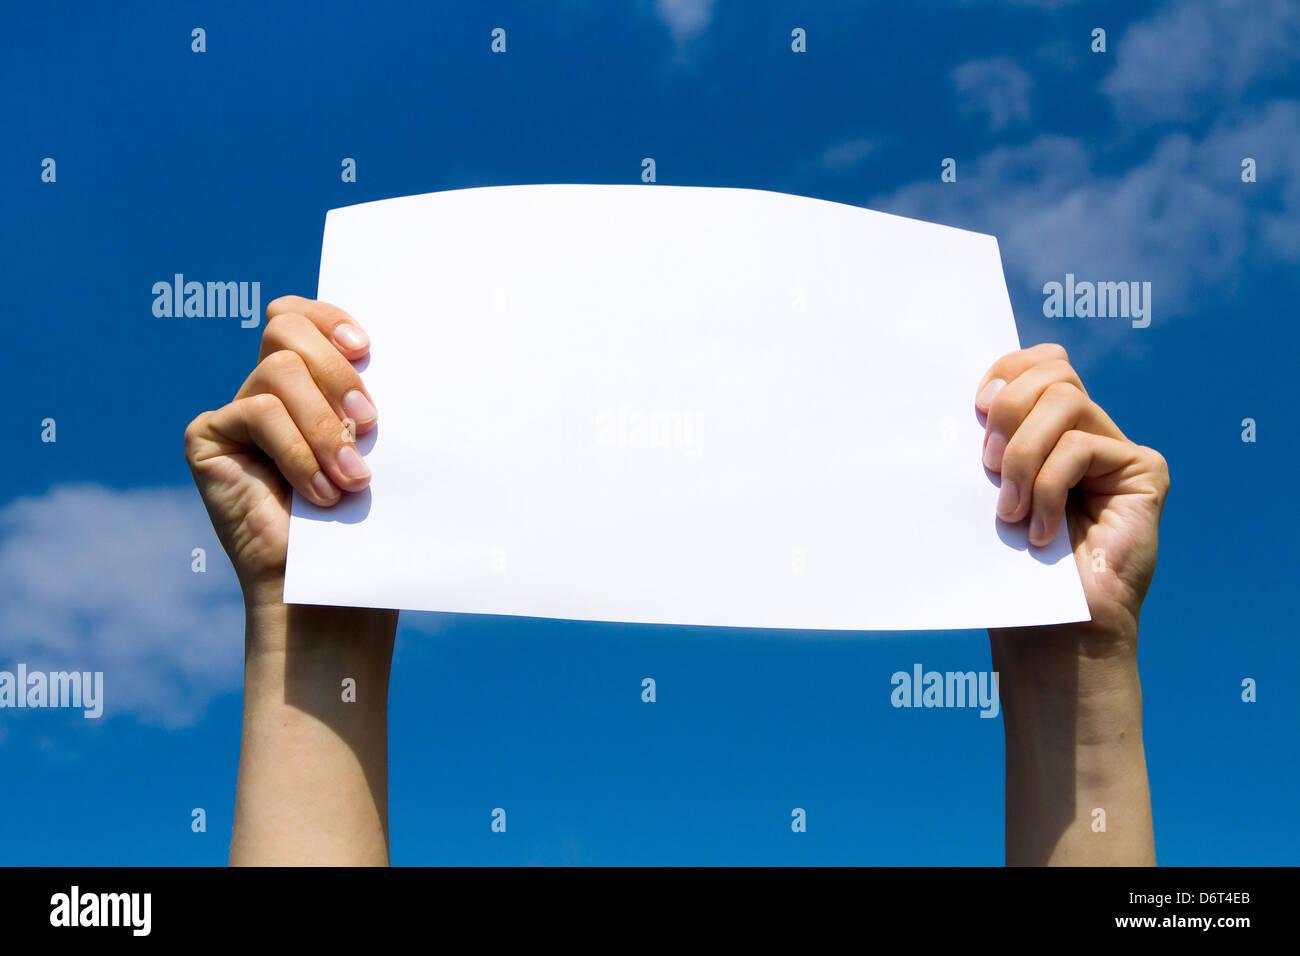 Página en blanco en manos sobre fondo de cielo azul Imagen De Stock